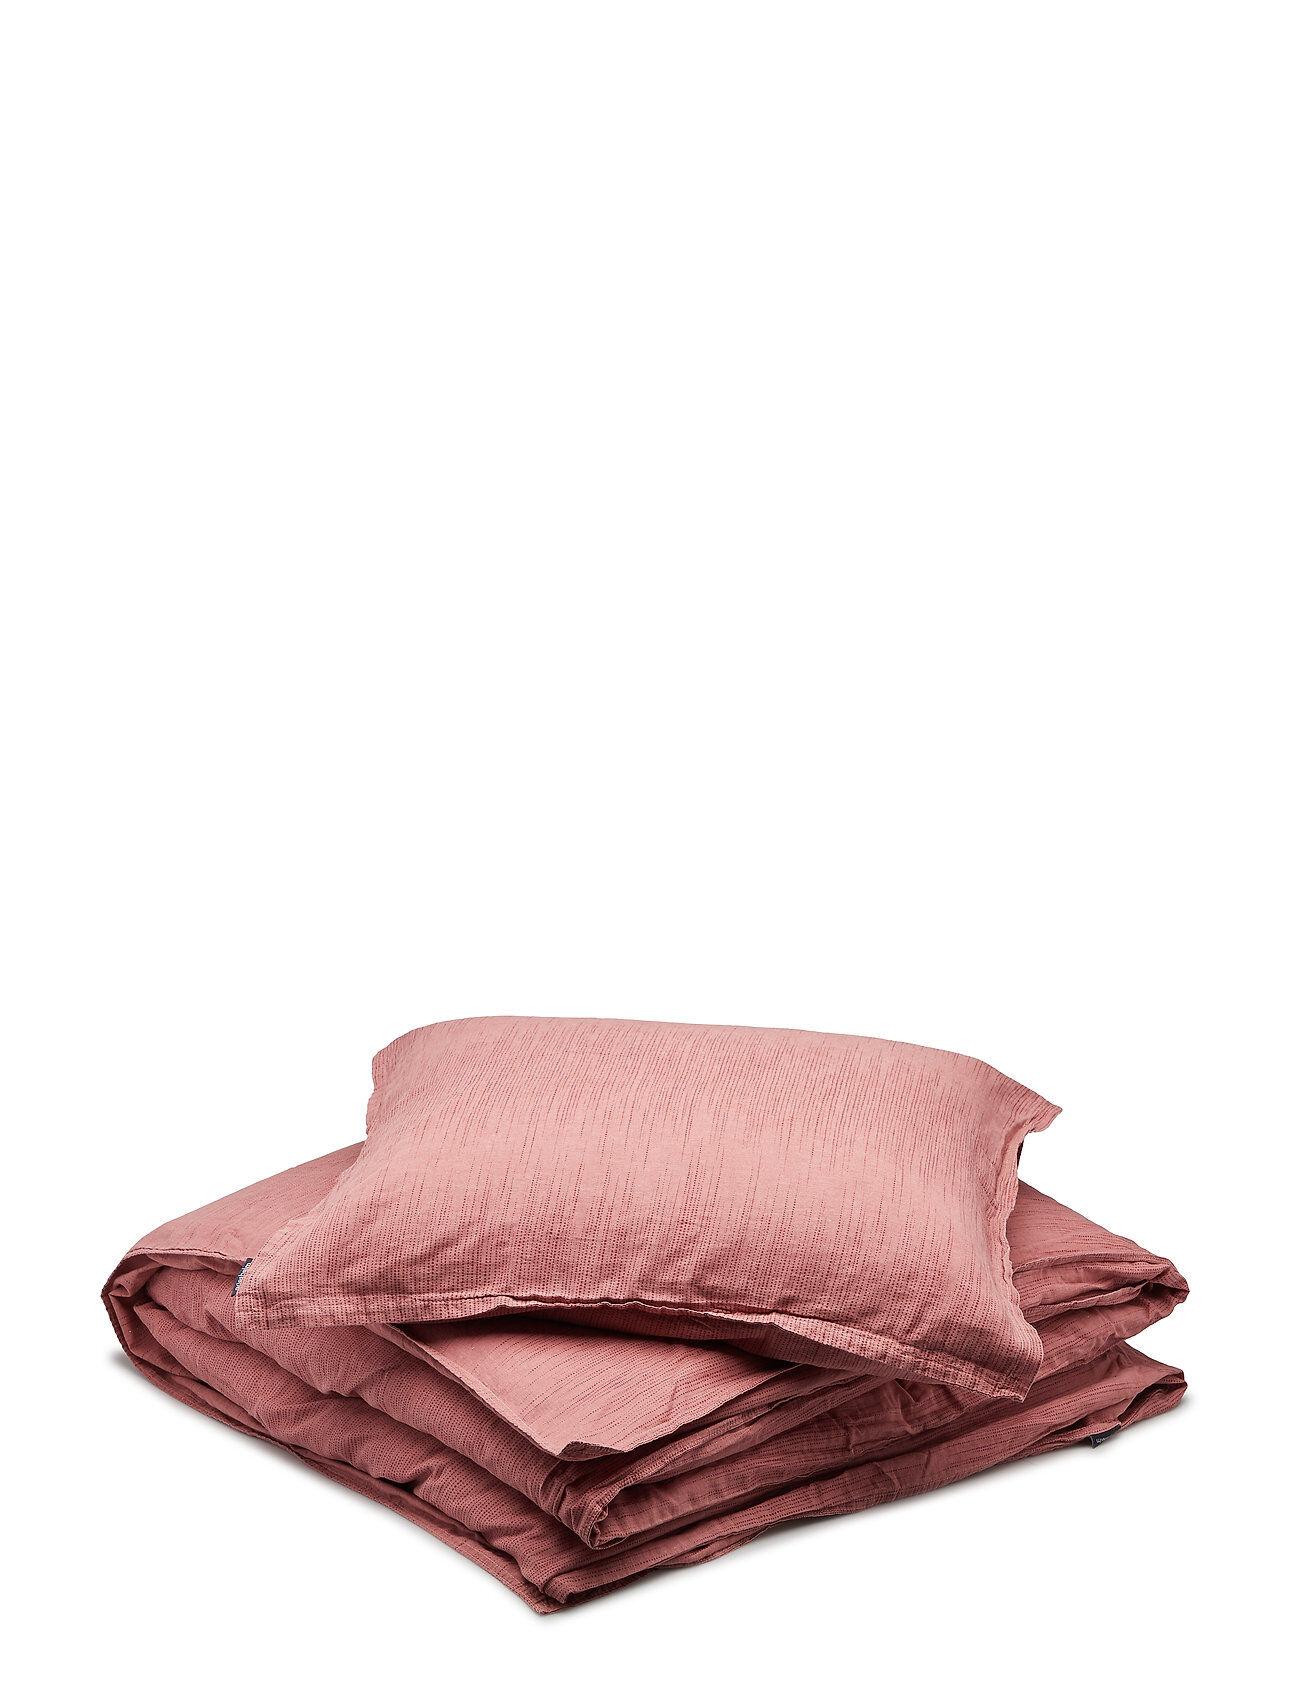 Gripsholm Bed Set Linen Leo Home Bedroom Bedding Sets Vaaleanpunainen Gripsholm